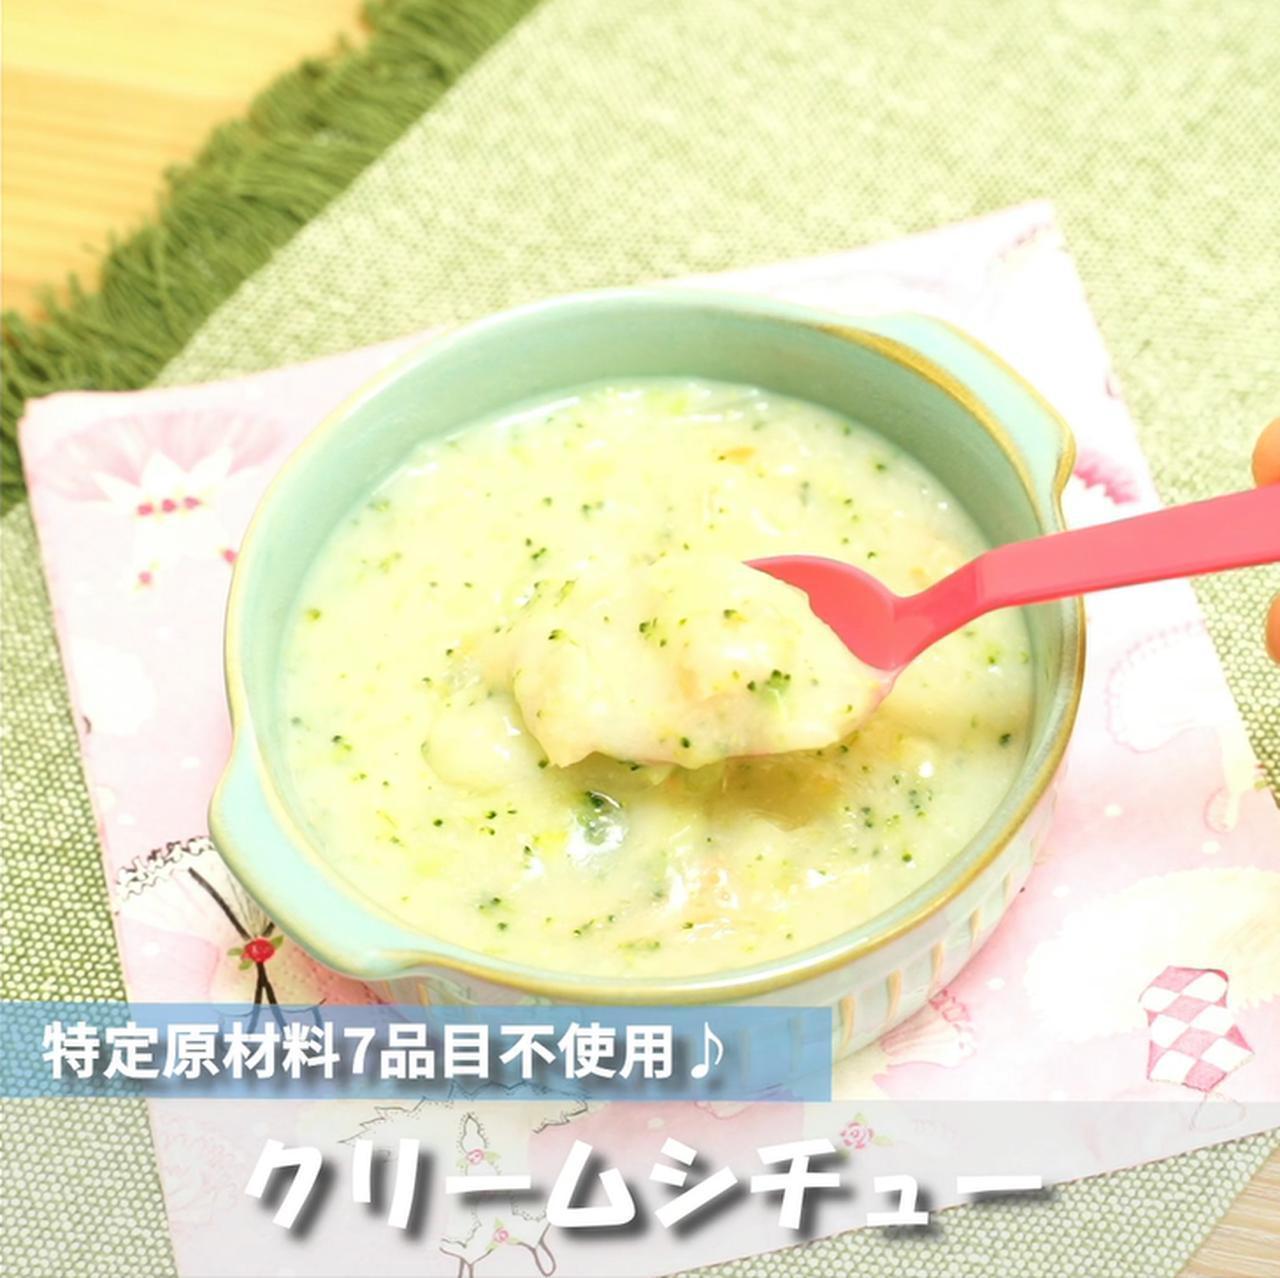 画像: 離乳食レシピ!小麦粉と牛乳を使わずにクリームシチュー - 君とごはん